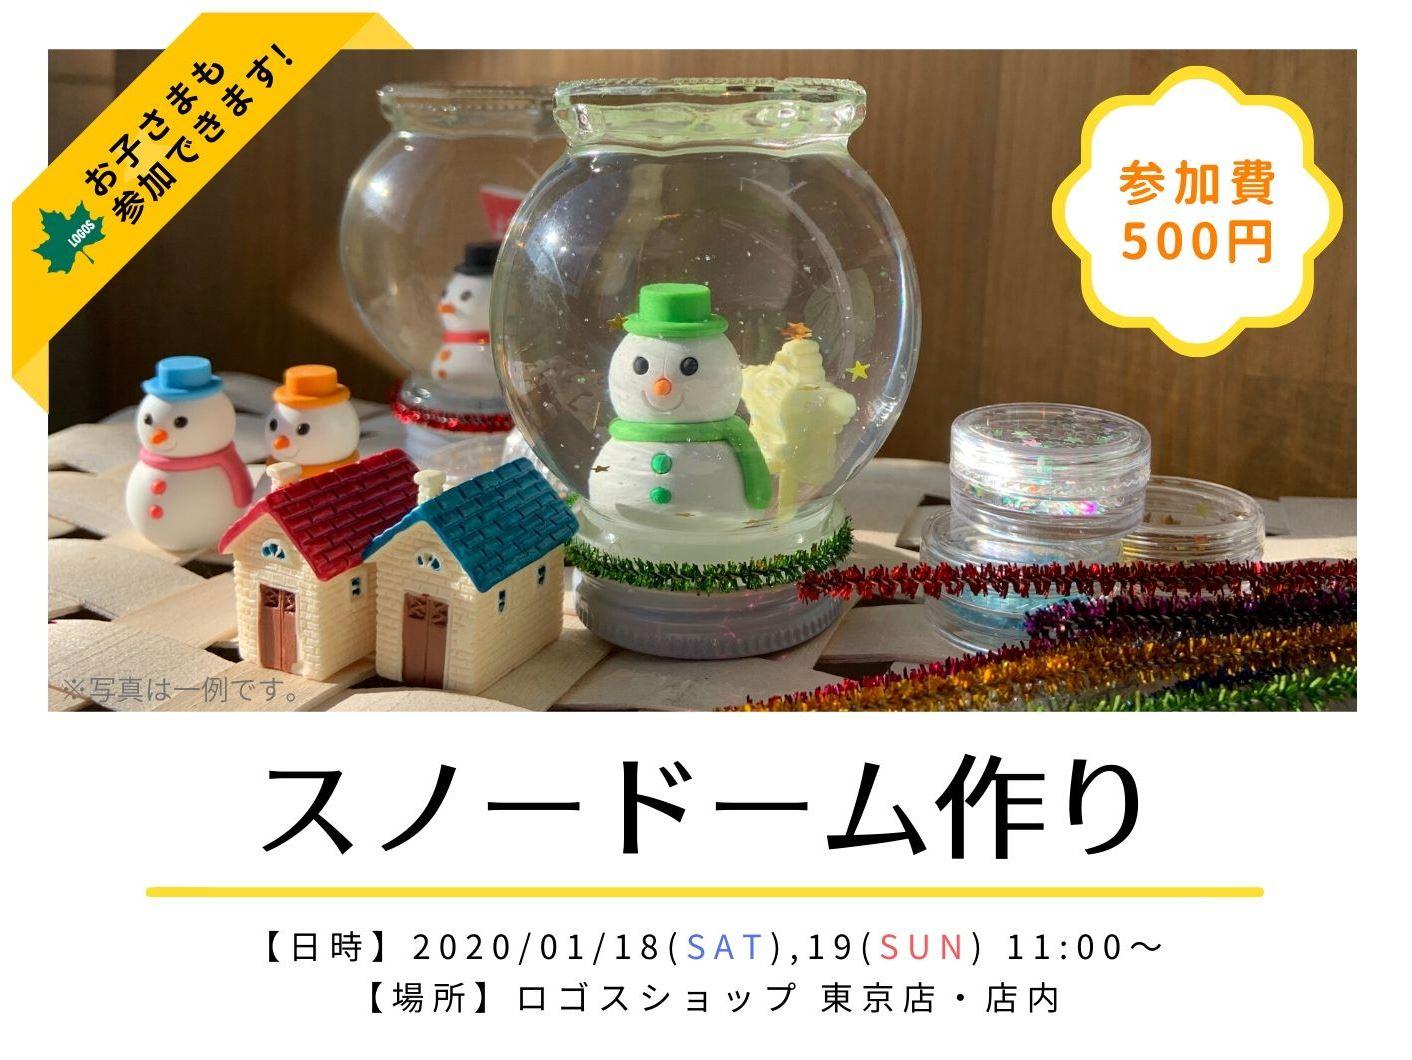 【LOGOS SHOP東京店】スノードーム作り